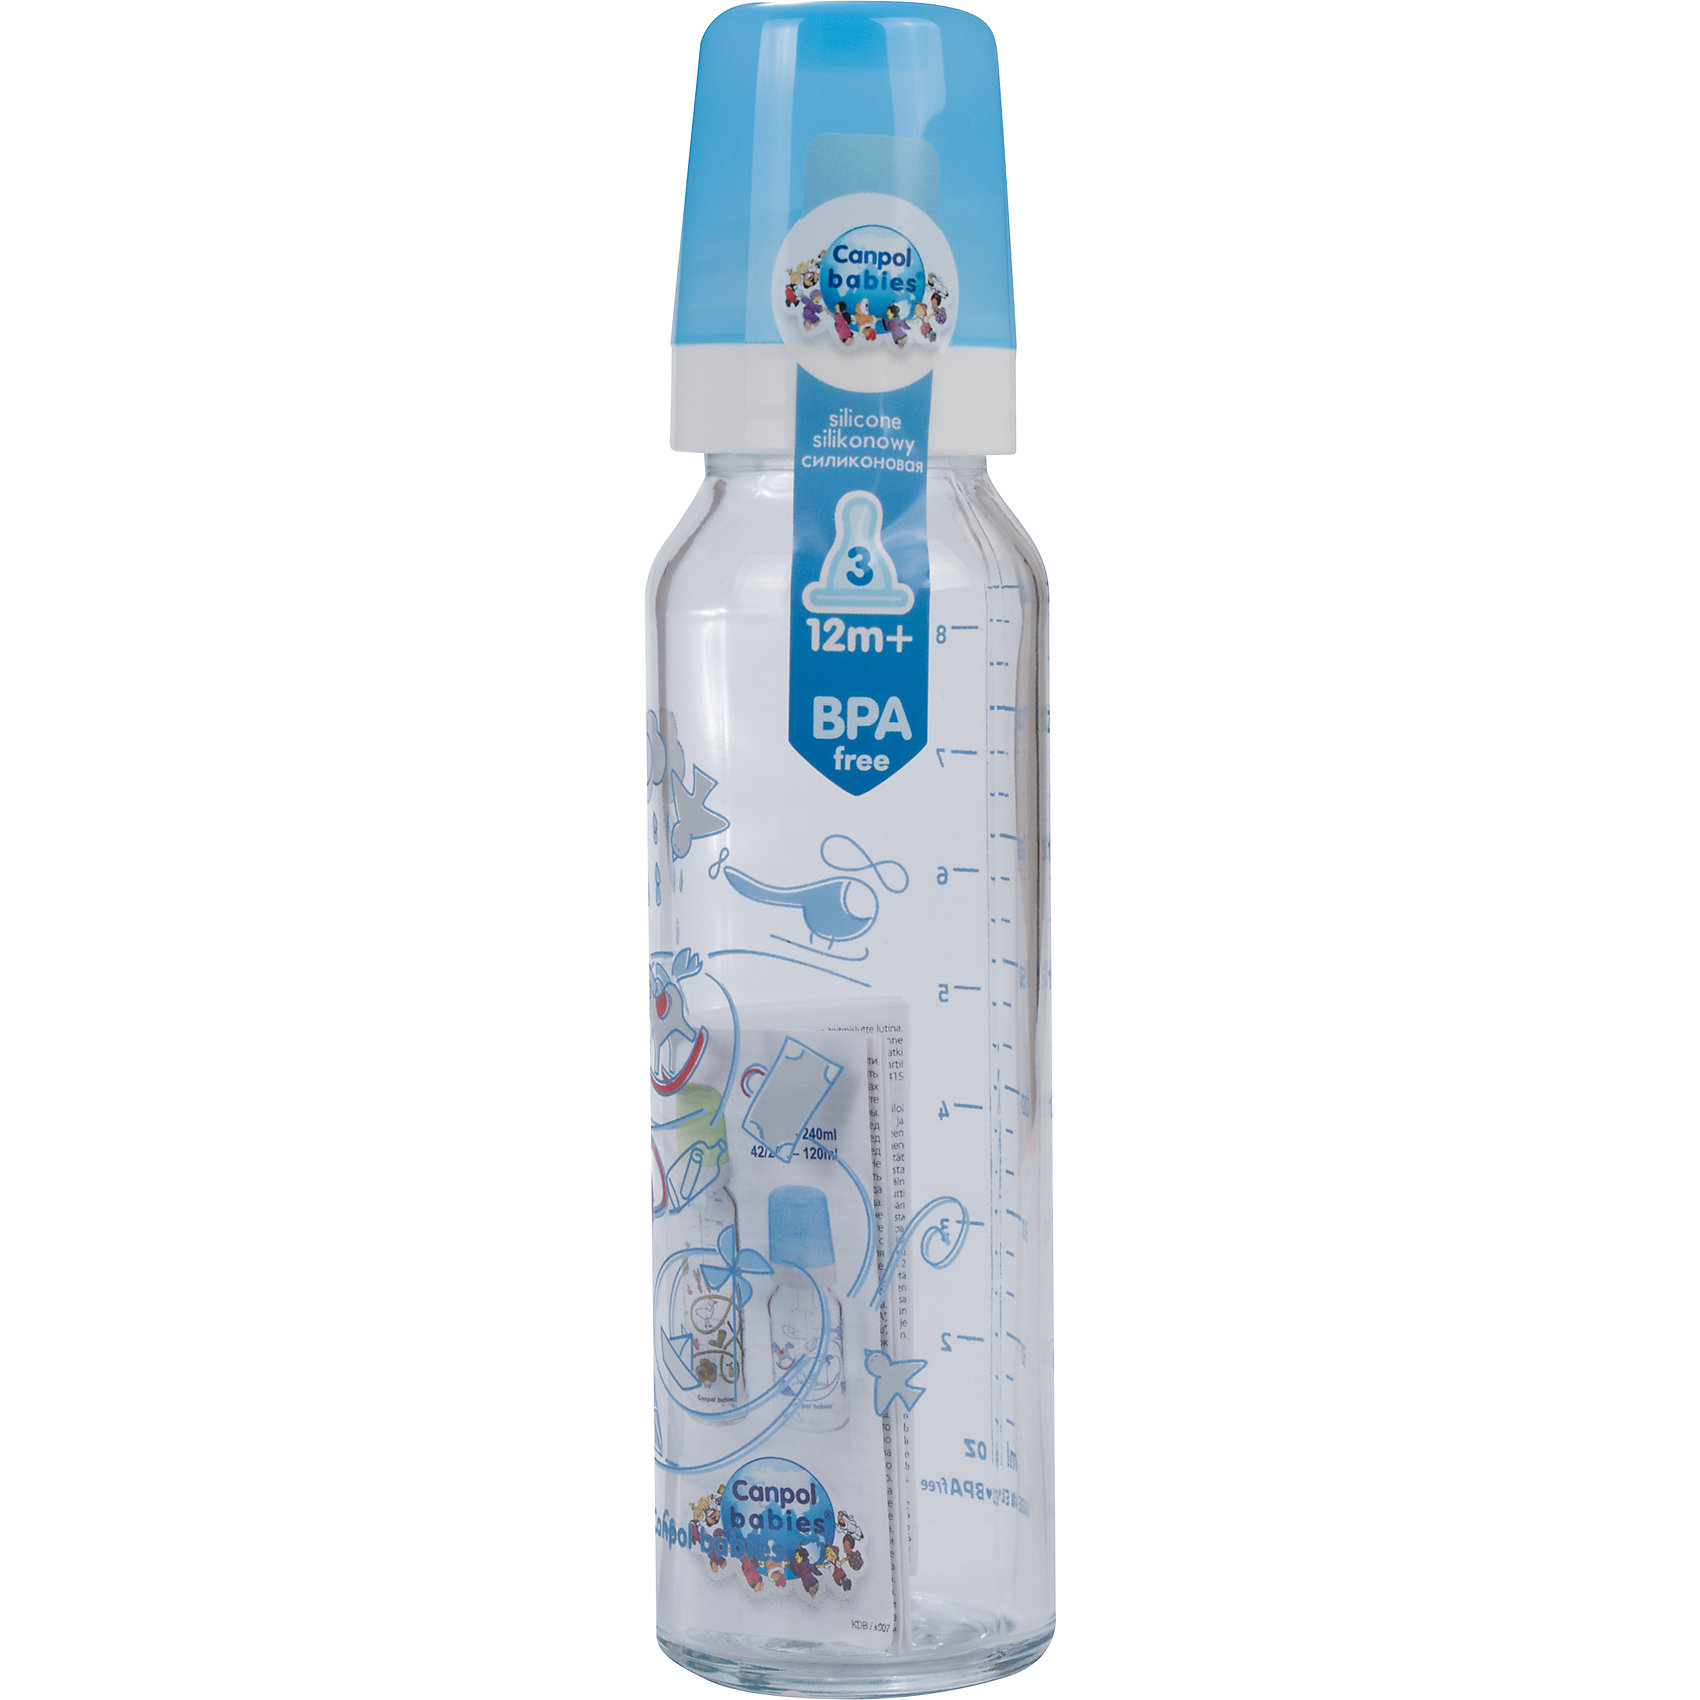 Бутылочка стеклянная с сил. соской, 240 мл. 12+, Canpol Babies, синийБутылочка стеклянная с сил. соской, 240 мл. 12+, Canpol Babies, (Канпол Бейбис), синий.<br><br>Характеристики: <br><br>• Объем бутылочки: 240мл.<br>• Материал бутылочки: закаленное стекло.<br>• Материал соски: силикон.<br>• Цвет : синий. <br>• Антиколиковая. <br><br>Бутылочка стеклянная с сил. соской, 240 мл. 12+, Canpol Babies, (Канпол Бейбис) имеет классическую форму и снабжена антиколиковой силиконовой соской. Удобна в использовании дома и в дороге. Бутылочка выполнена из безопасного качественного материала - закаленного стекла, которое хорошо держит тепло, снабжена антиколиковой силиконовой соской (быстрый поток) и защитным колпачком, имеет удобную мерную шкалу.  Такую бутылочку и все части можно кипятить в воде или стерилизовать с помощью специального прибора<br><br>Бутылочку стеклянная с сил. соской, 240 мл. 12+, Canpol Babies, (Канпол Бейбис), синий можно купить в нашем интернет- магазине.<br><br>Ширина мм: 54<br>Глубина мм: 54<br>Высота мм: 220<br>Вес г: 2160<br>Возраст от месяцев: 12<br>Возраст до месяцев: 36<br>Пол: Мужской<br>Возраст: Детский<br>SKU: 5156786